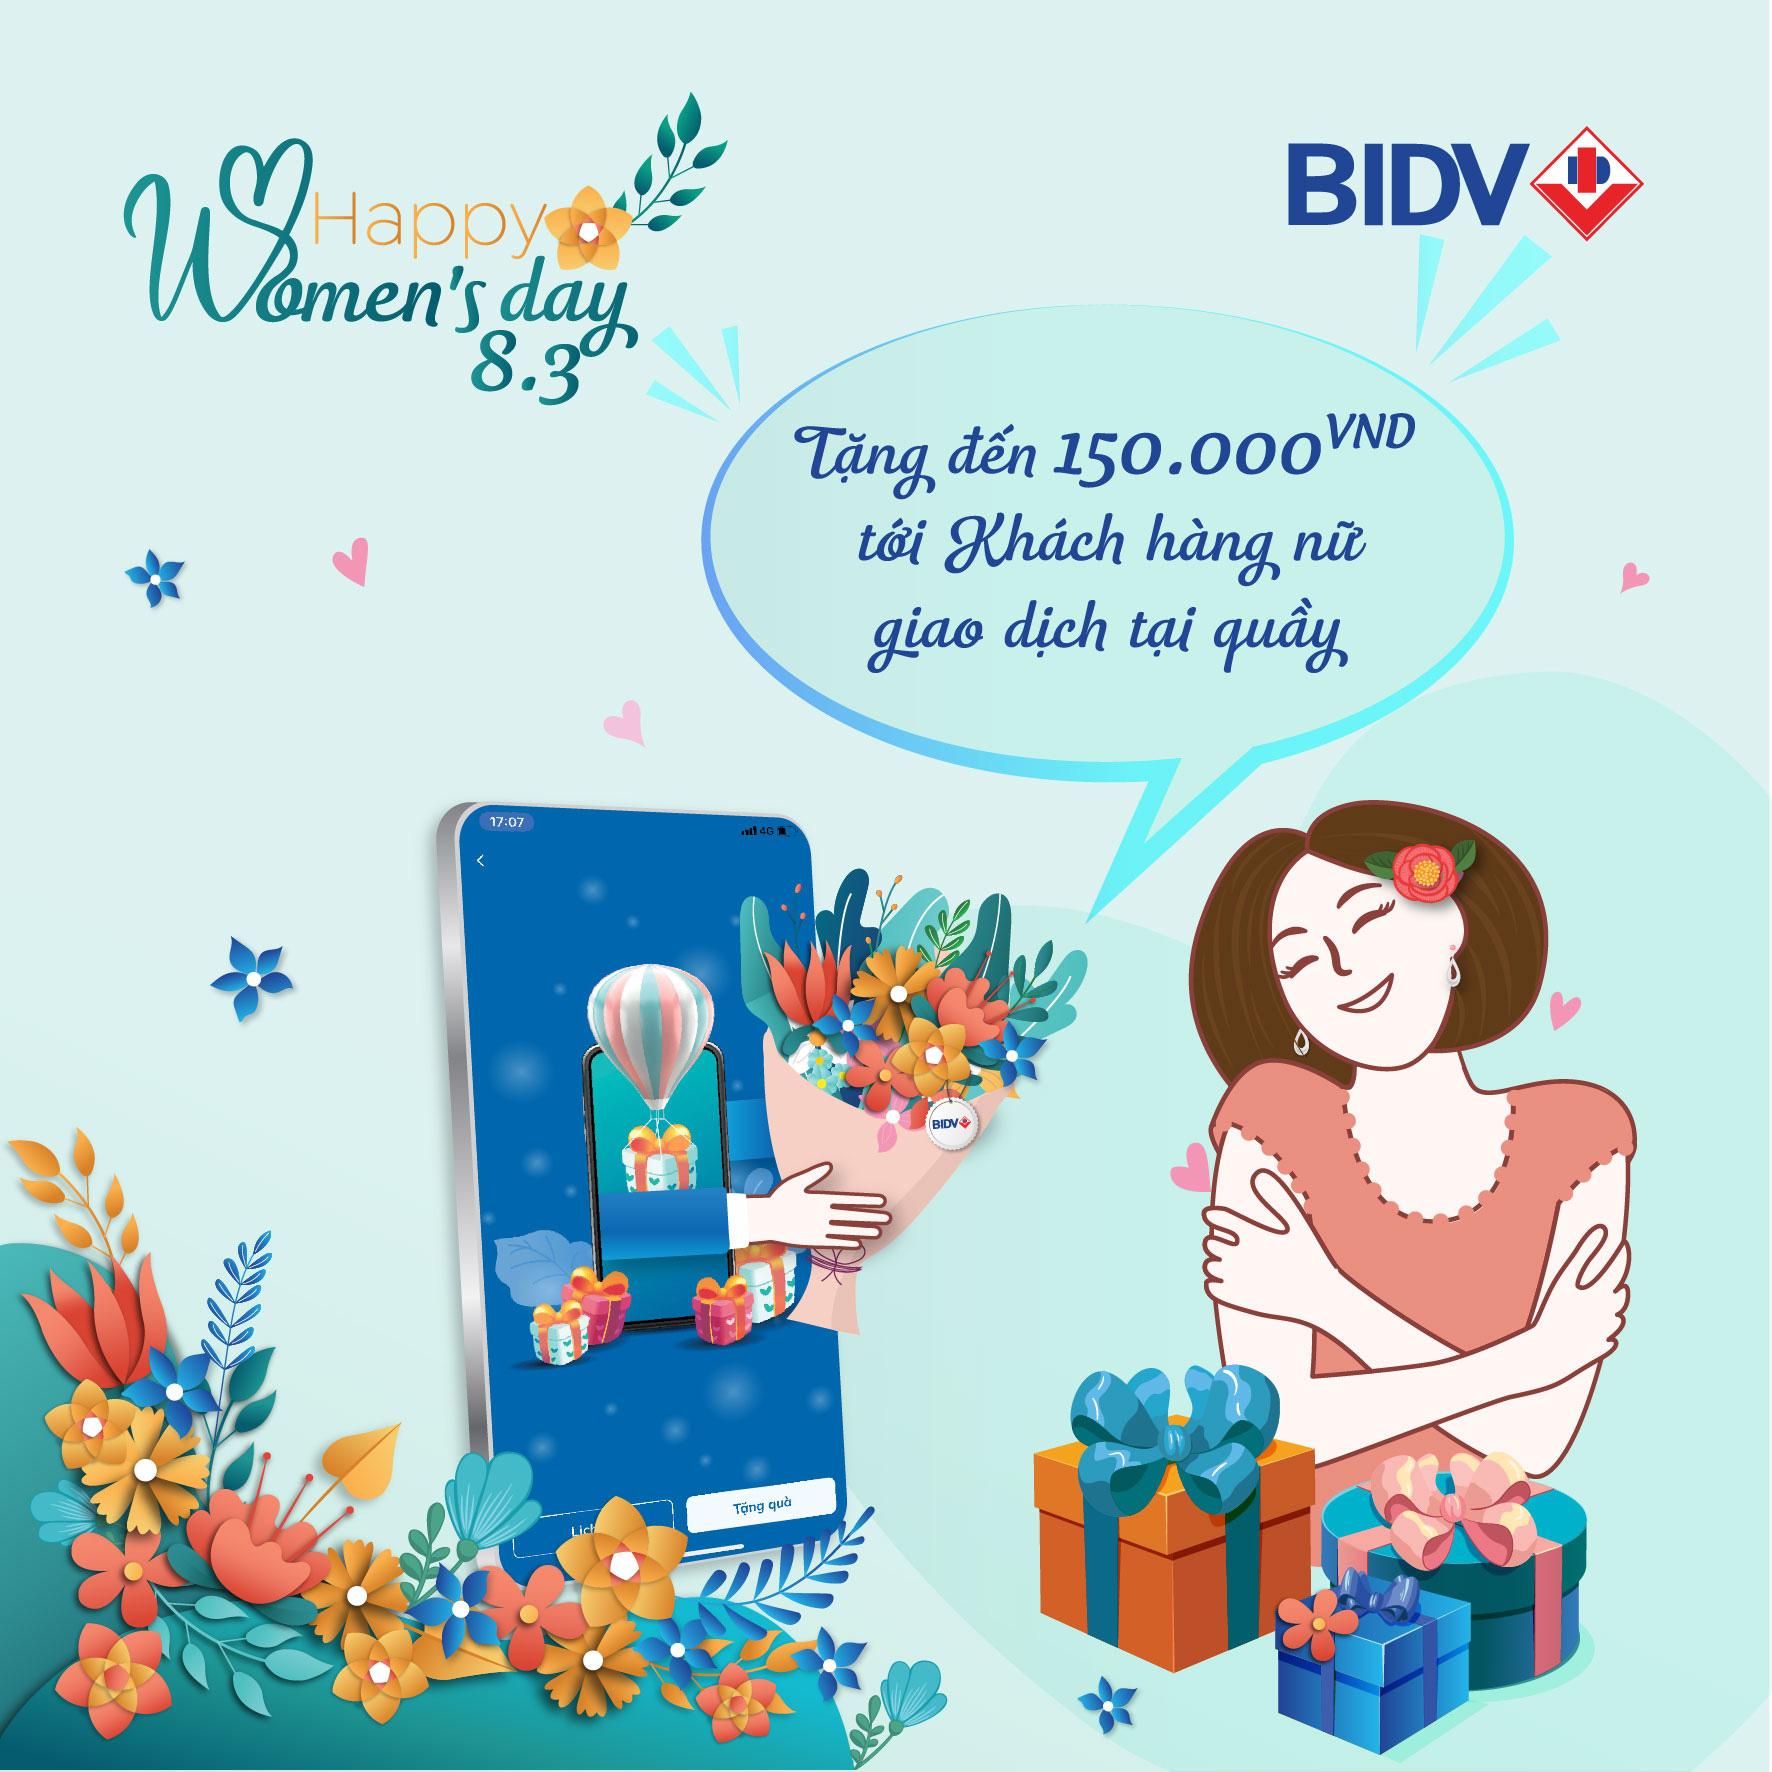 BIDV cảm ơn khách hàng nữ với hàng ngàn quà tặng - Ảnh 1.